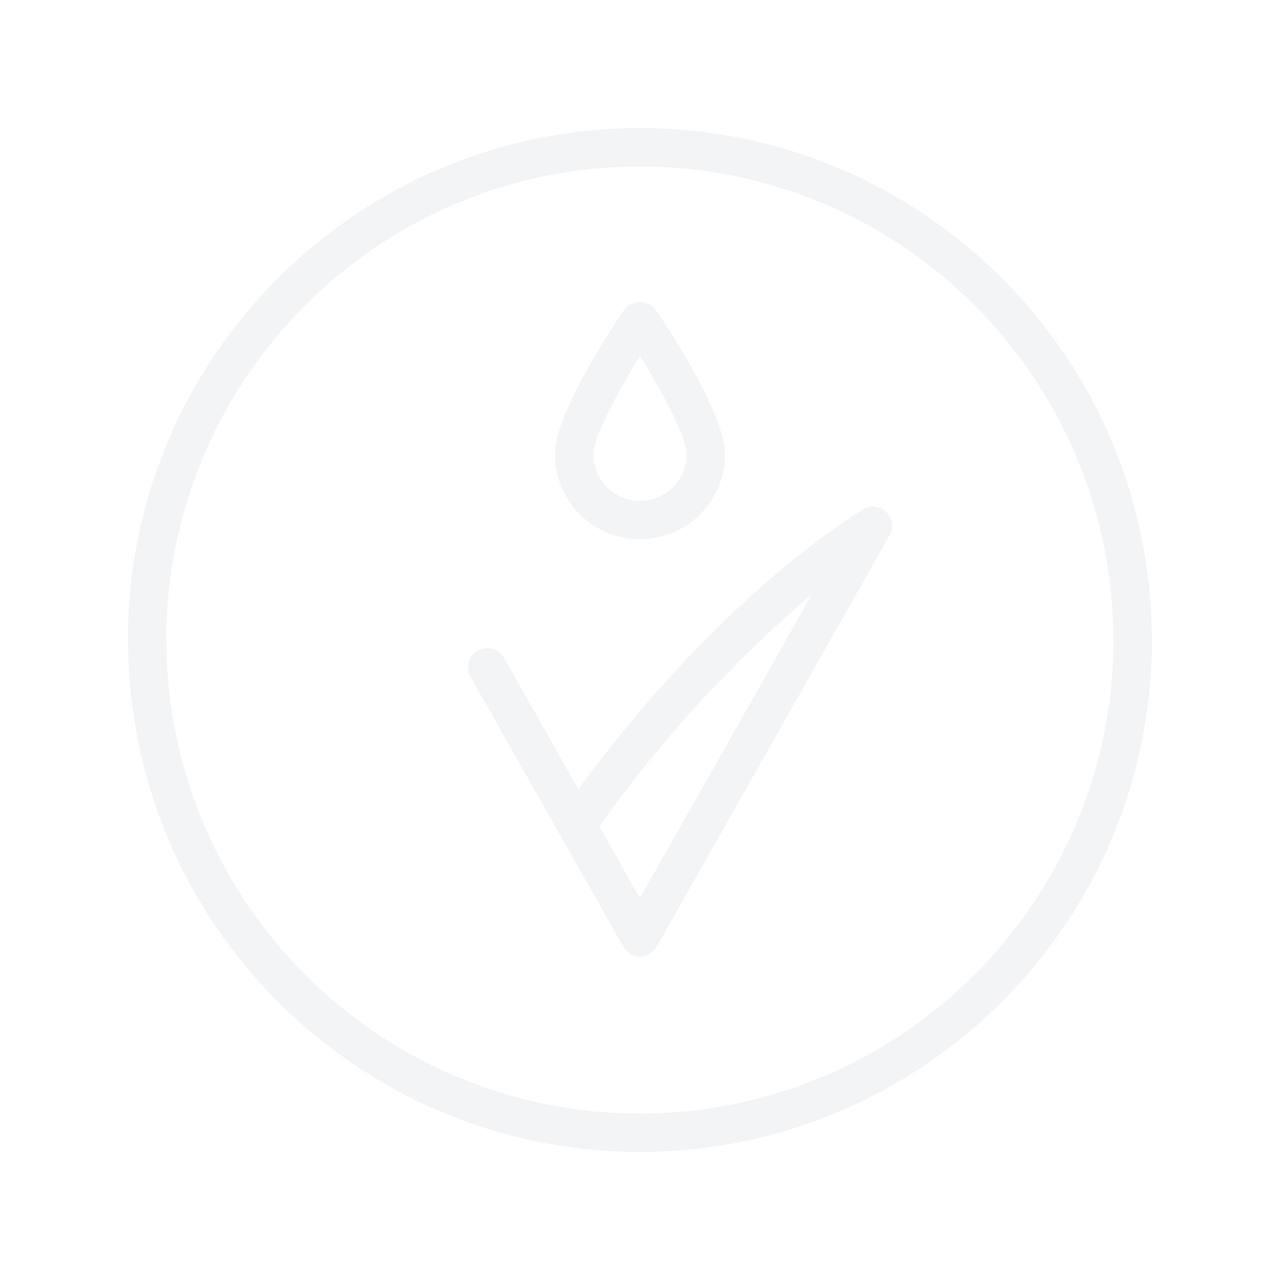 MACADAMIA Silendav šampoon 300ml